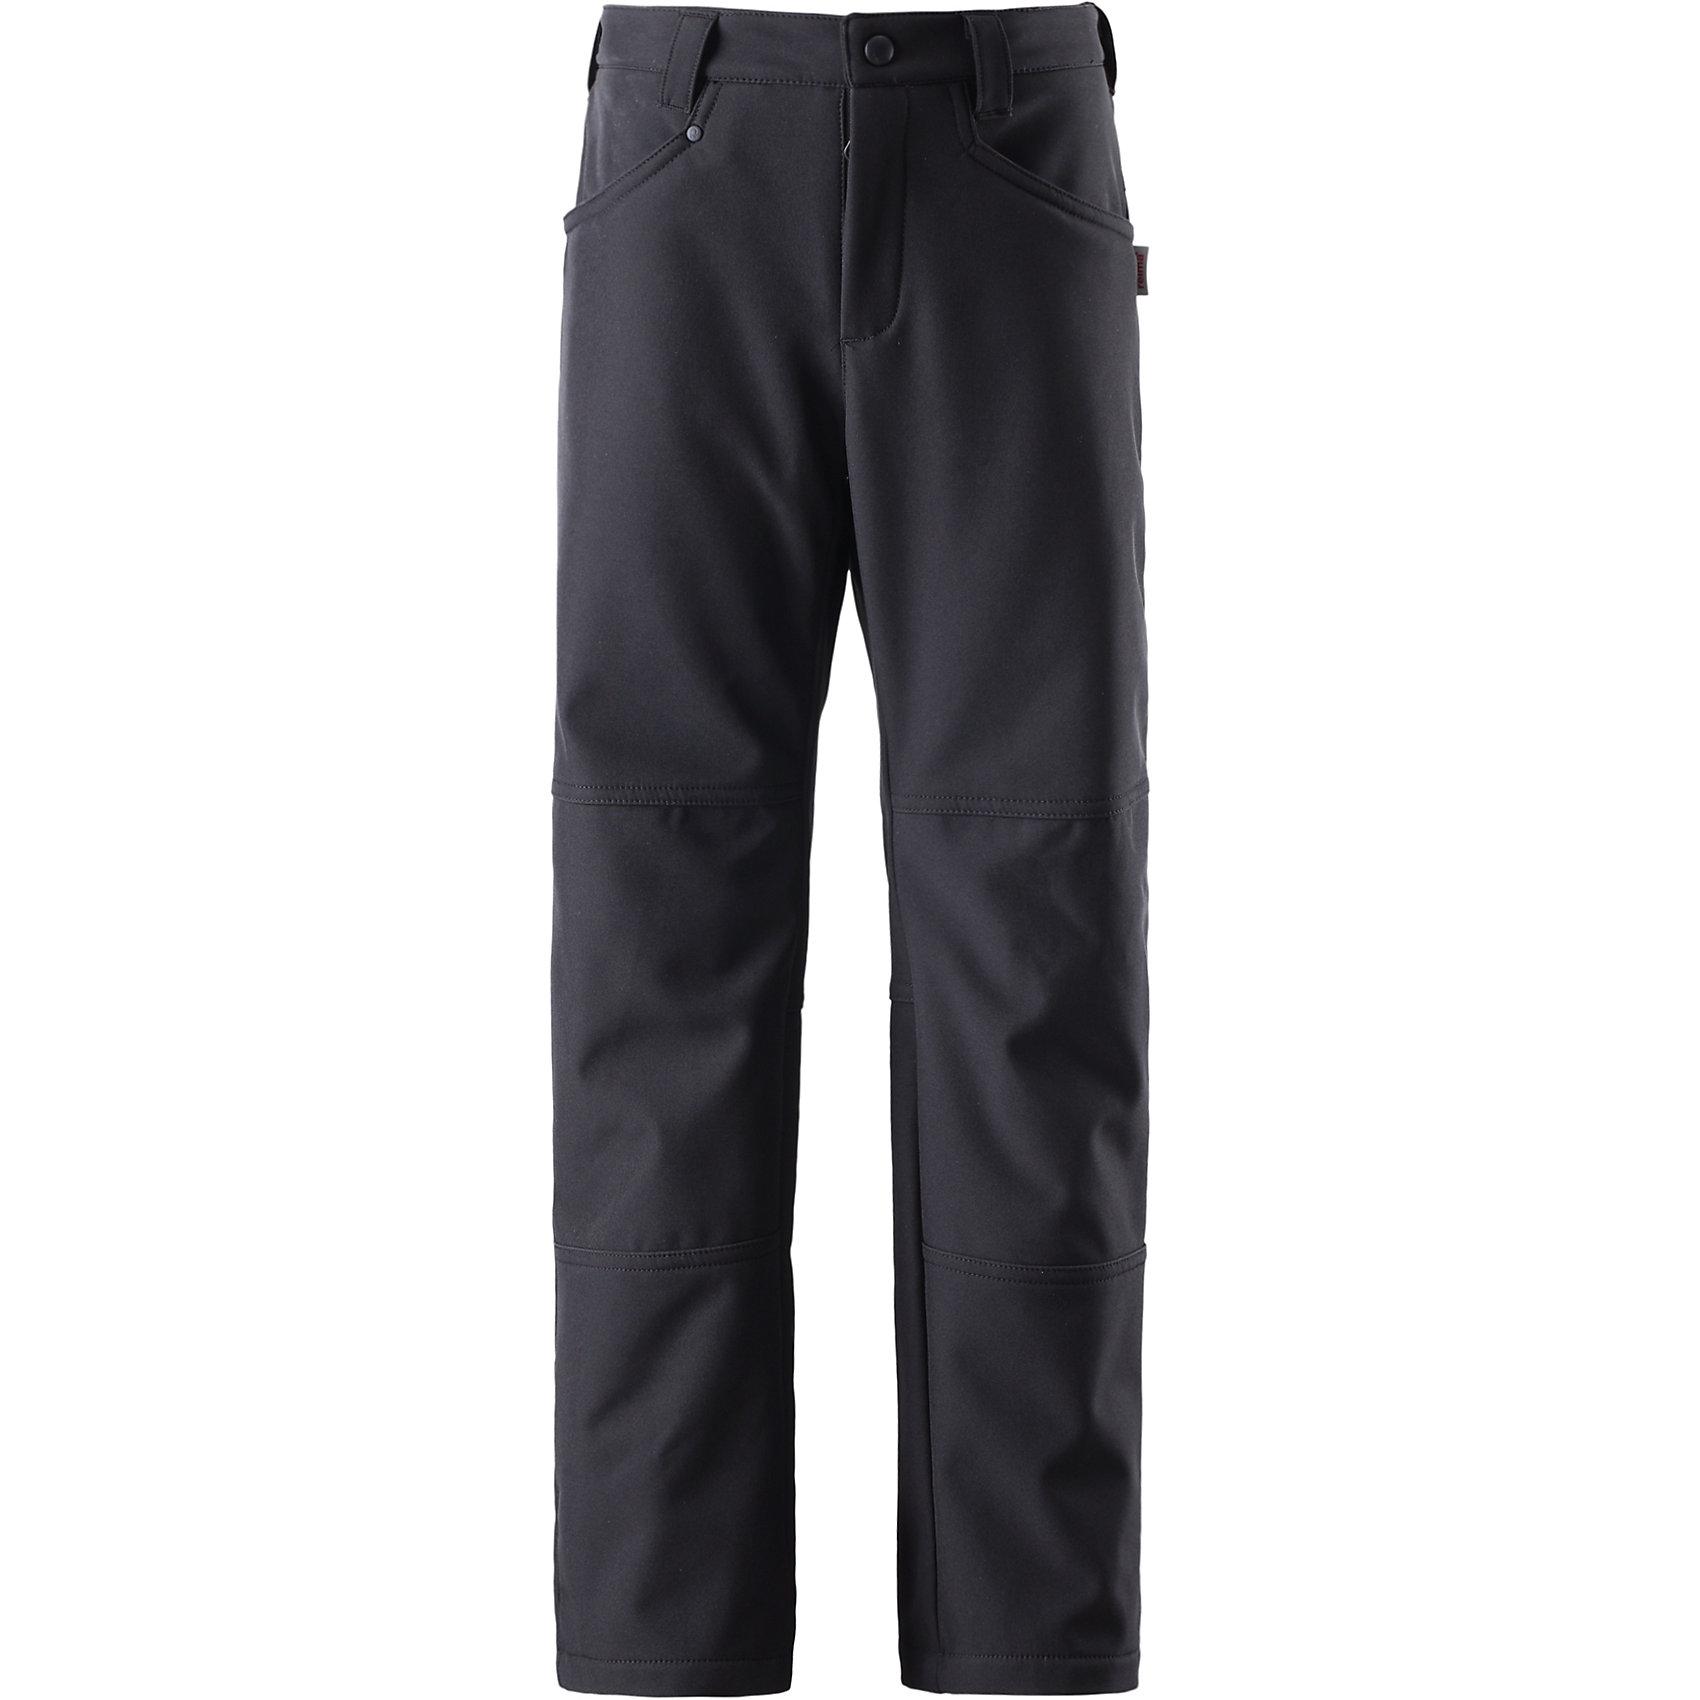 Брюки Mighty ReimaОдежда<br>Водонепроницаемые, но при этом модные и дышащие – это же джинсы Reima® softshell, теперь и в зимнем варианте! Эти популярные зауженные брюки для подростков из материала softshell можно надевать куда угодно: в школу и после школы, взять с собой в летний лагерь или на водную прогулку.<br><br>Благодаря эластичной талии брюки отлично сидят.<br>Состав:<br>95% Полиэстер, 5% эластан, полиуретановое покрытие<br><br>Ширина мм: 215<br>Глубина мм: 88<br>Высота мм: 191<br>Вес г: 336<br>Цвет: черный<br>Возраст от месяцев: 24<br>Возраст до месяцев: 36<br>Пол: Унисекс<br>Возраст: Детский<br>Размер: 98,164,152,140,128,122,110<br>SKU: 6959727